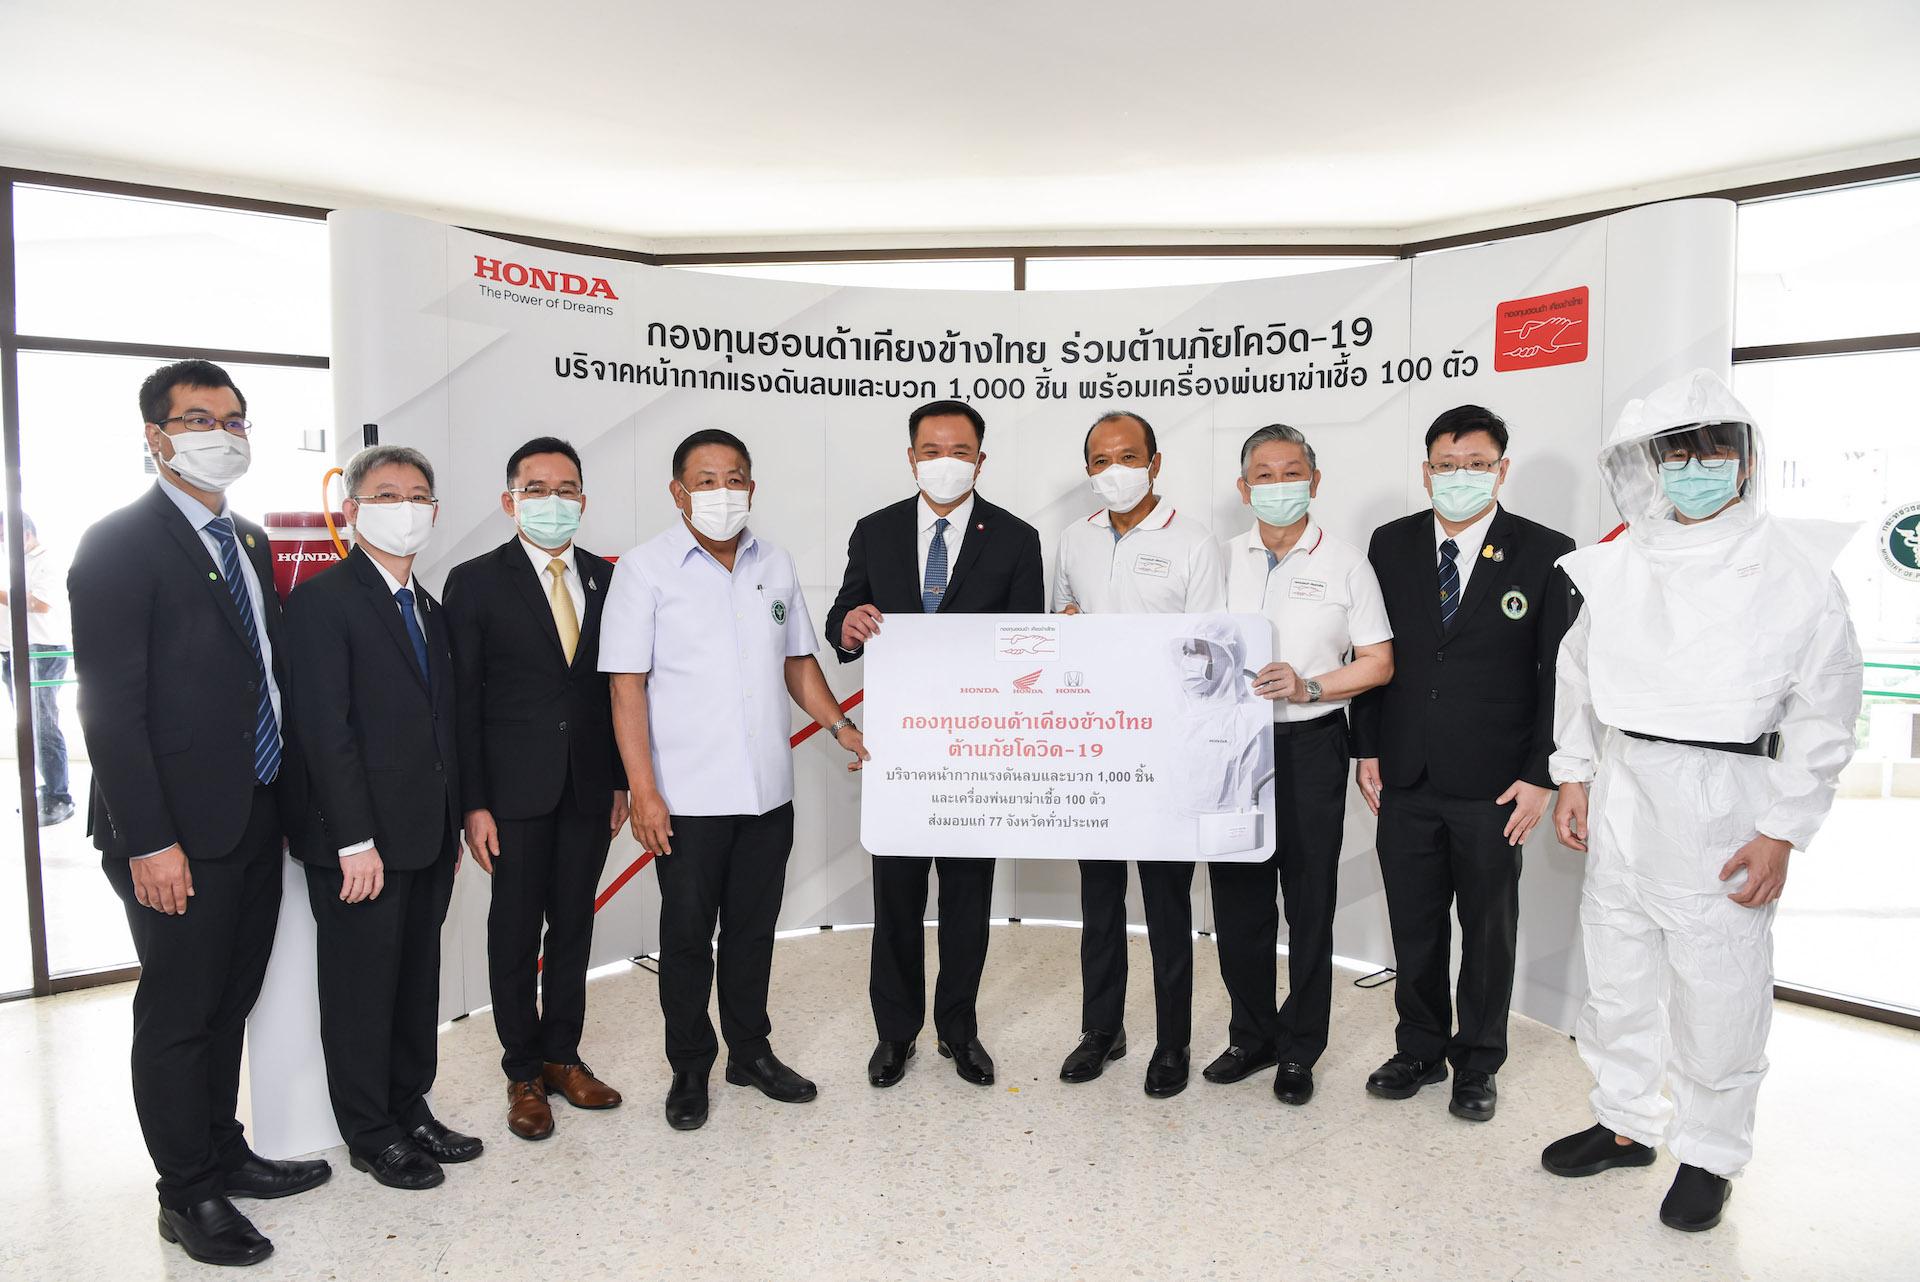 กองทุนฮอนด้าเคียงข้างไทย ส่งมอบนวัตกรรมหน้ากากแรงดันลบและบวก ฝีมือทีมวิศวกรฮอนด้า และเครื่องพ่นยาฆ่าเชื้อ โดยมีกระทรวงสาธารณสุข เป็นประธานรับมอบก่อนกระจายสู่ 77 จังหวัดทั่วประเทศ ในเดือน ก.พ. 2564